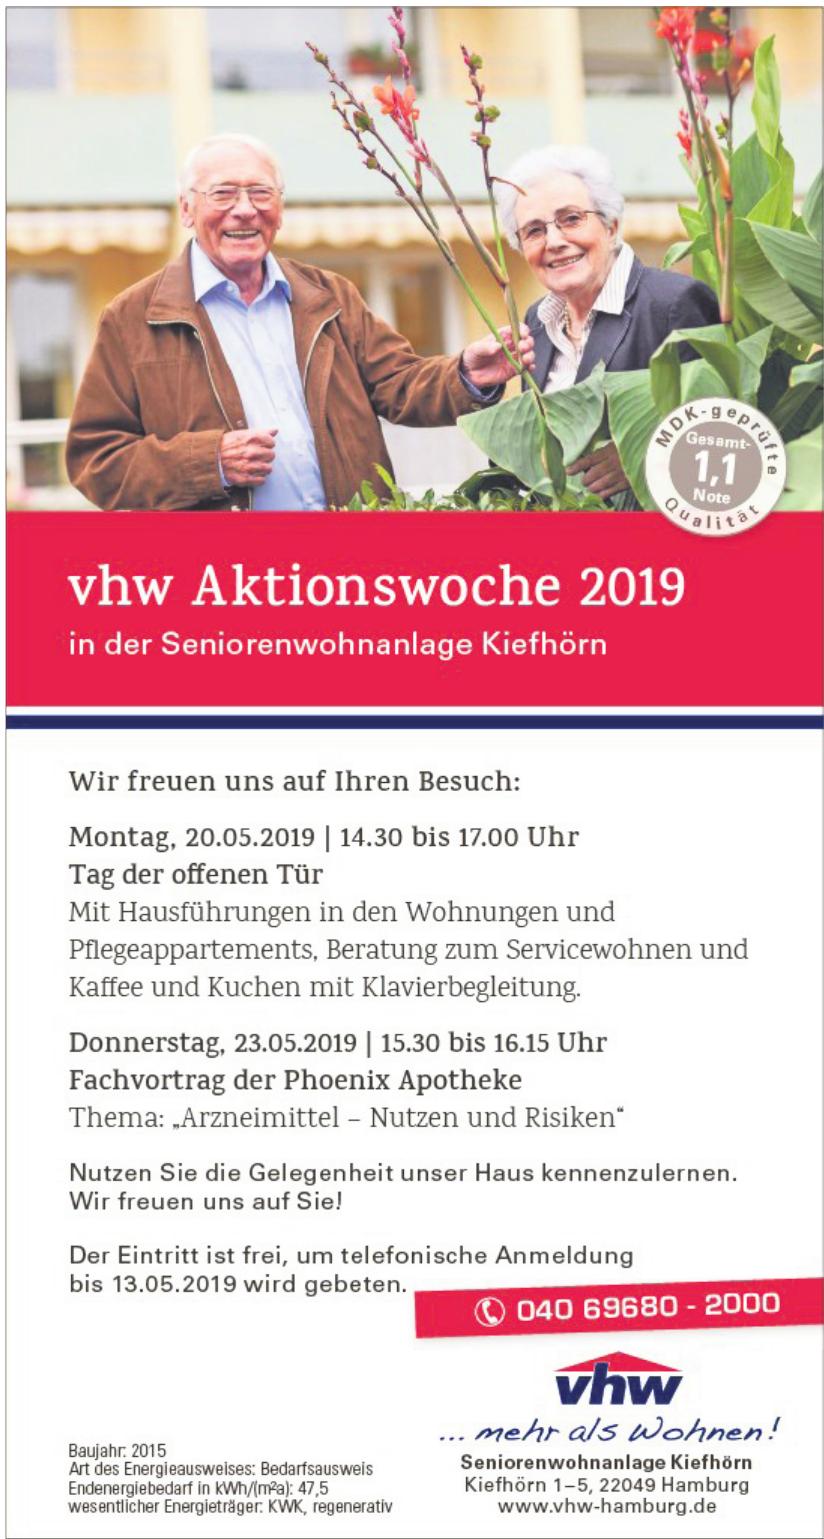 Vereinigte Hamburger Wohnungsbaugenossenschaft eG